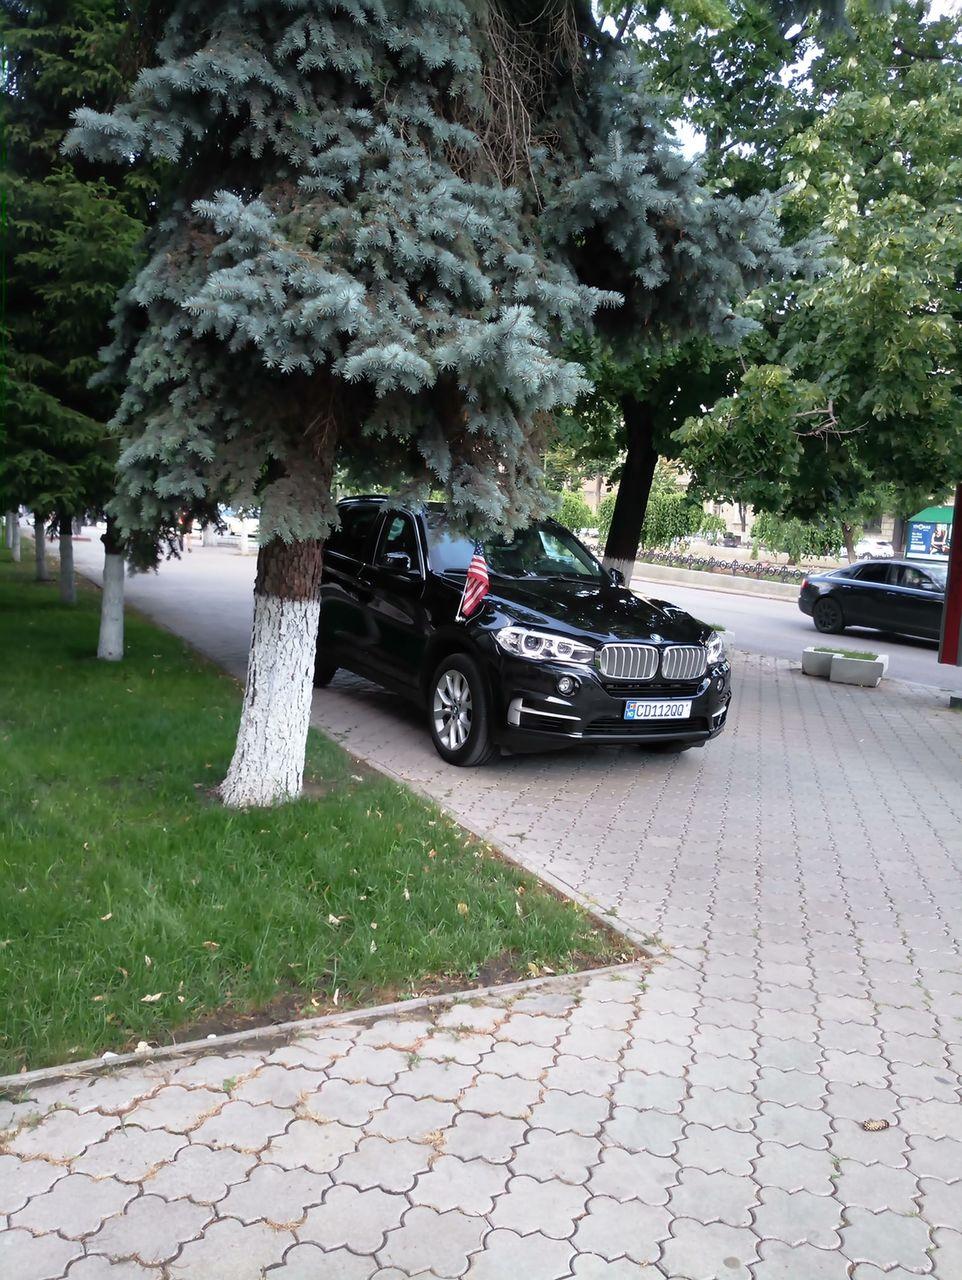 Автомобиль посольства США припарковался на тротуаре